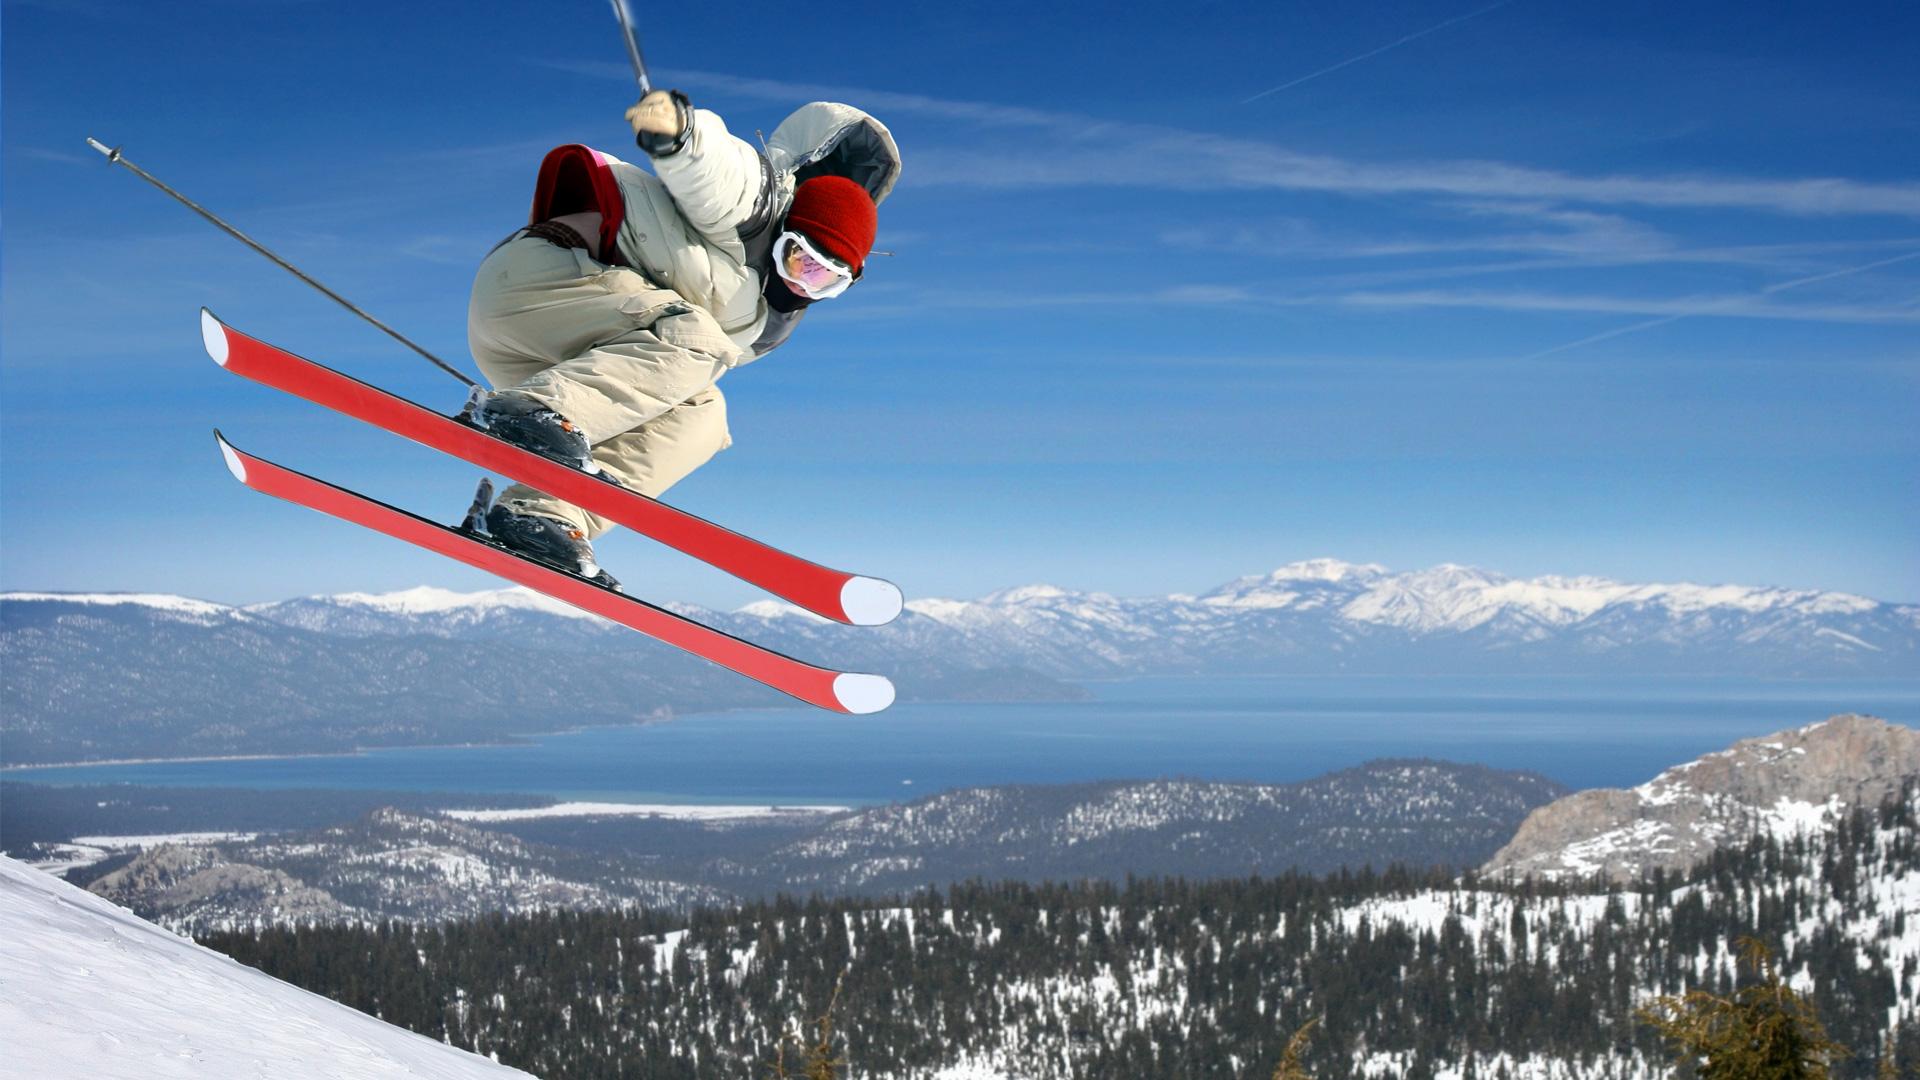 ไปวาดลวดลายสกี เล่นหิมะกันที่ 10 เมืองท่องเที่ยวแห่งฤดูหนาวรอบโลก